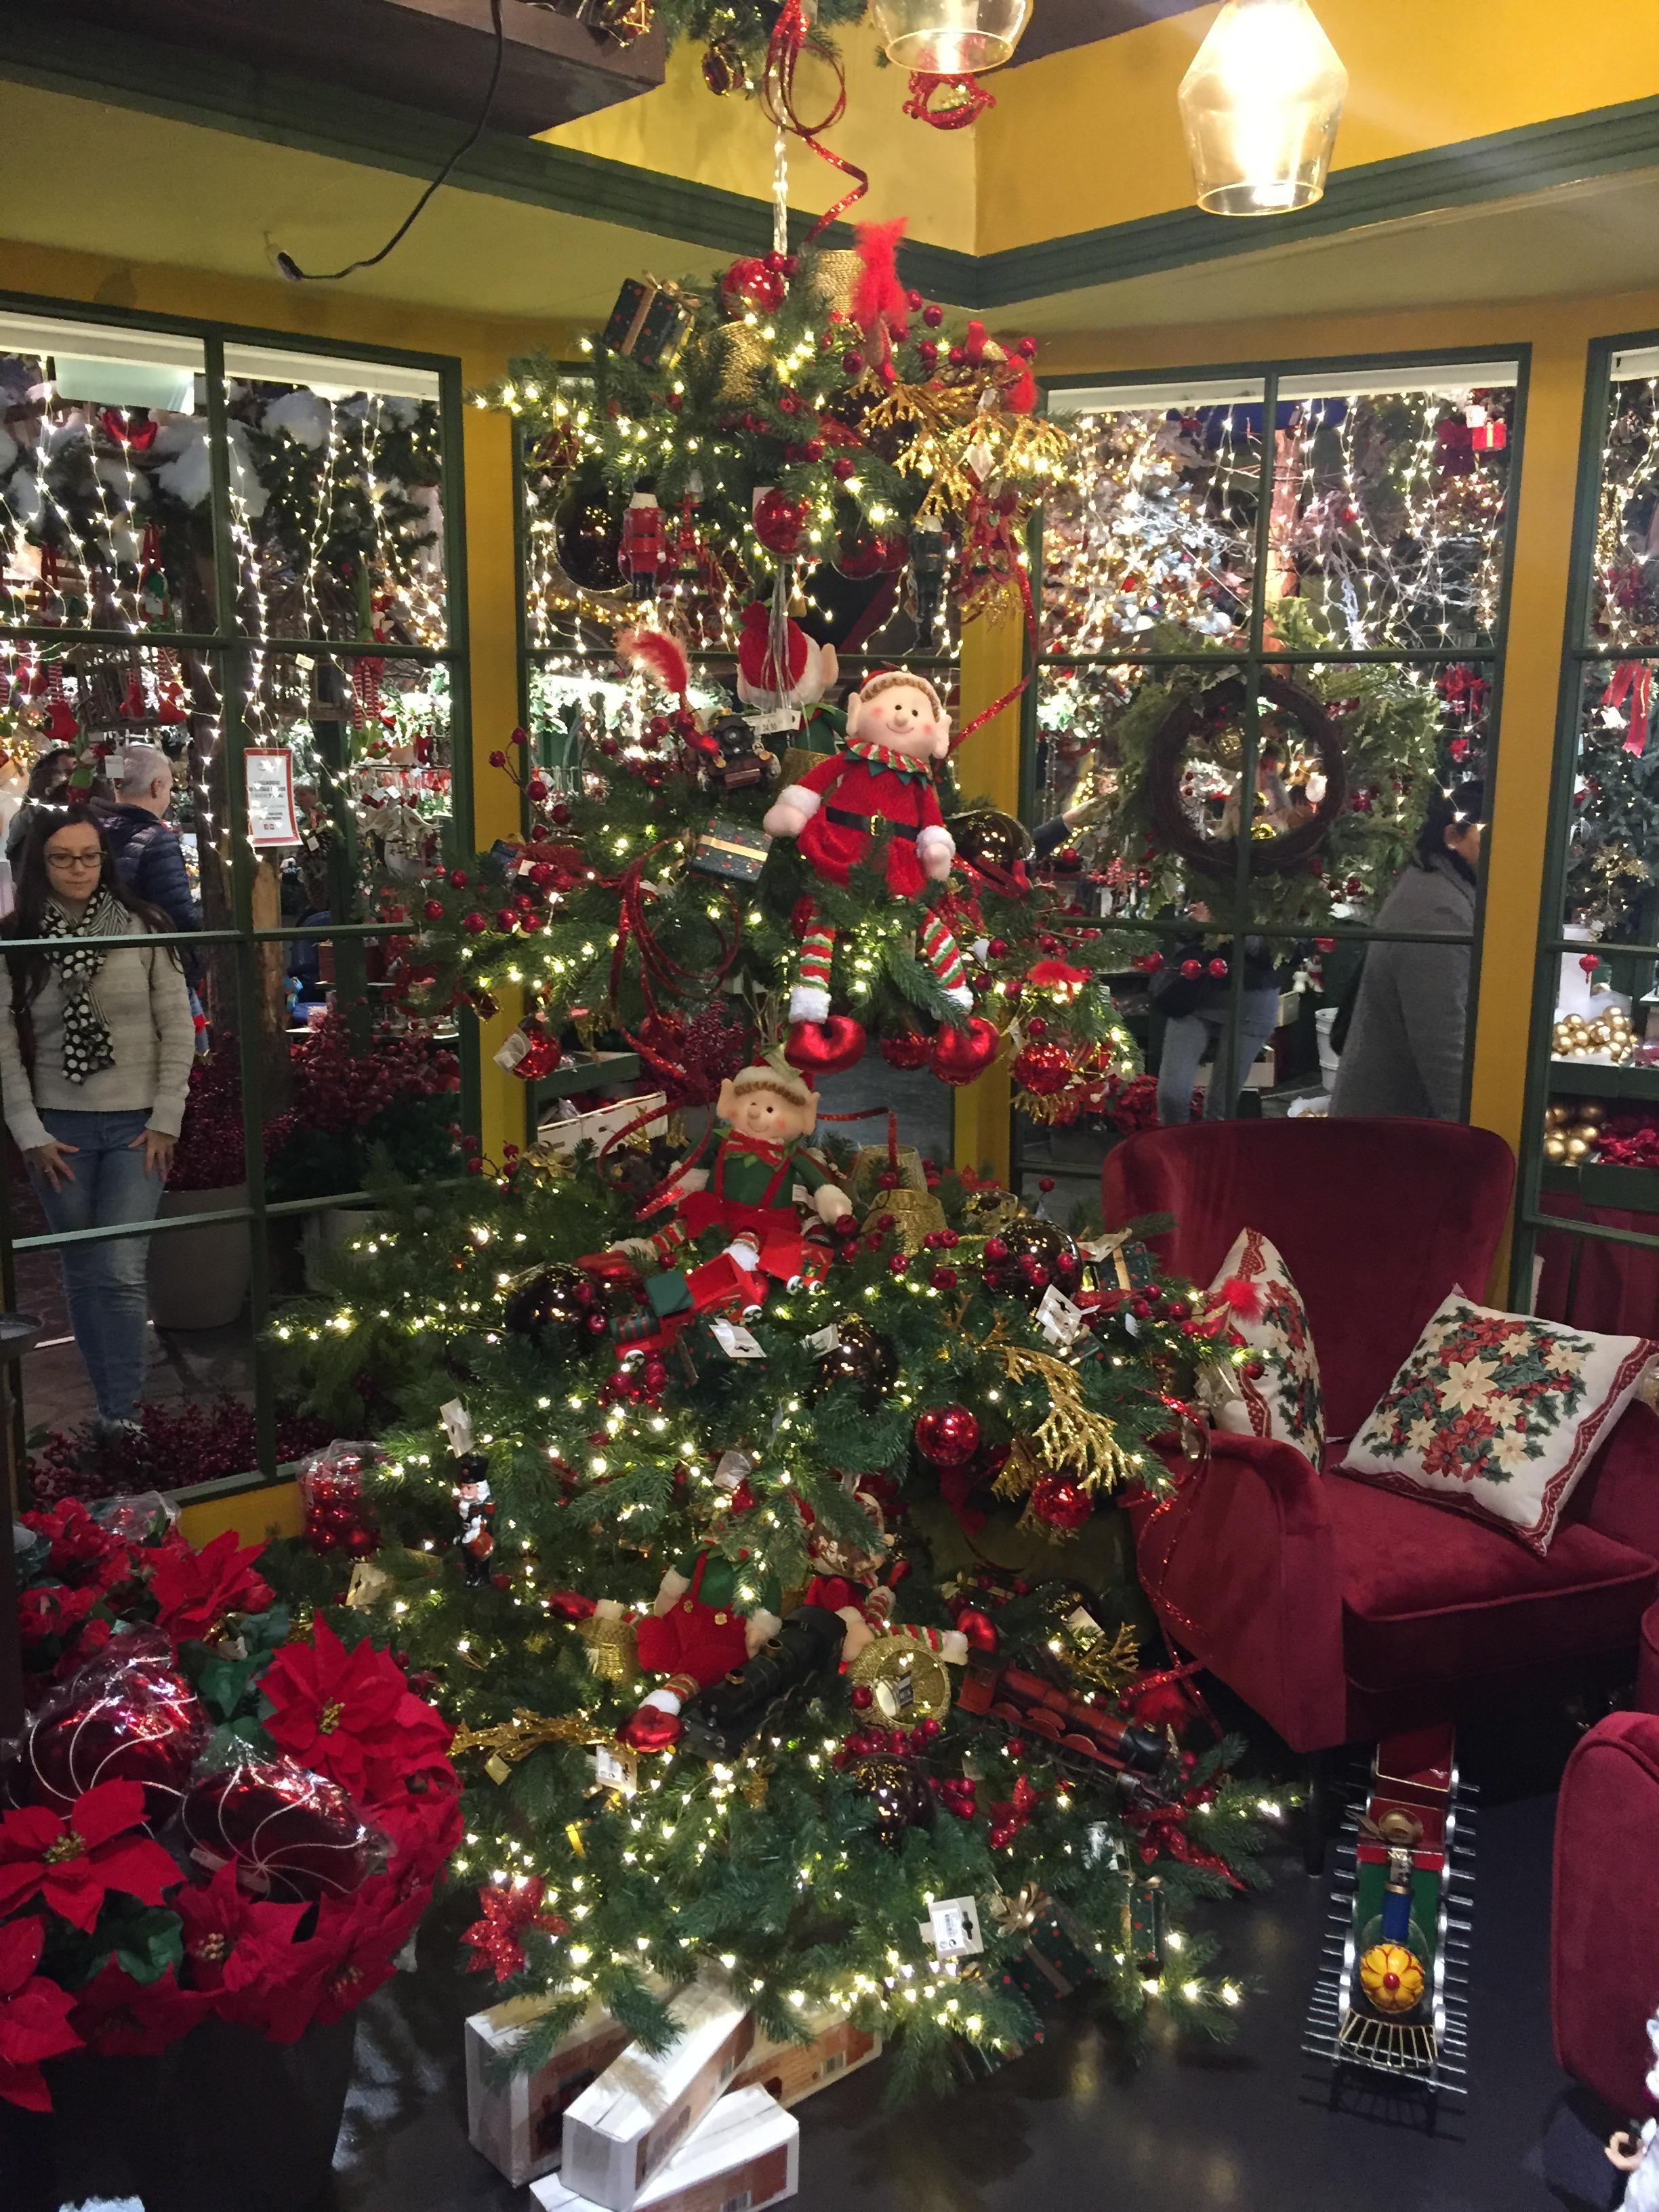 Palline Di Natale Con Rametti natale. alberi con pupazzi e il rosa, i decori fra allegri